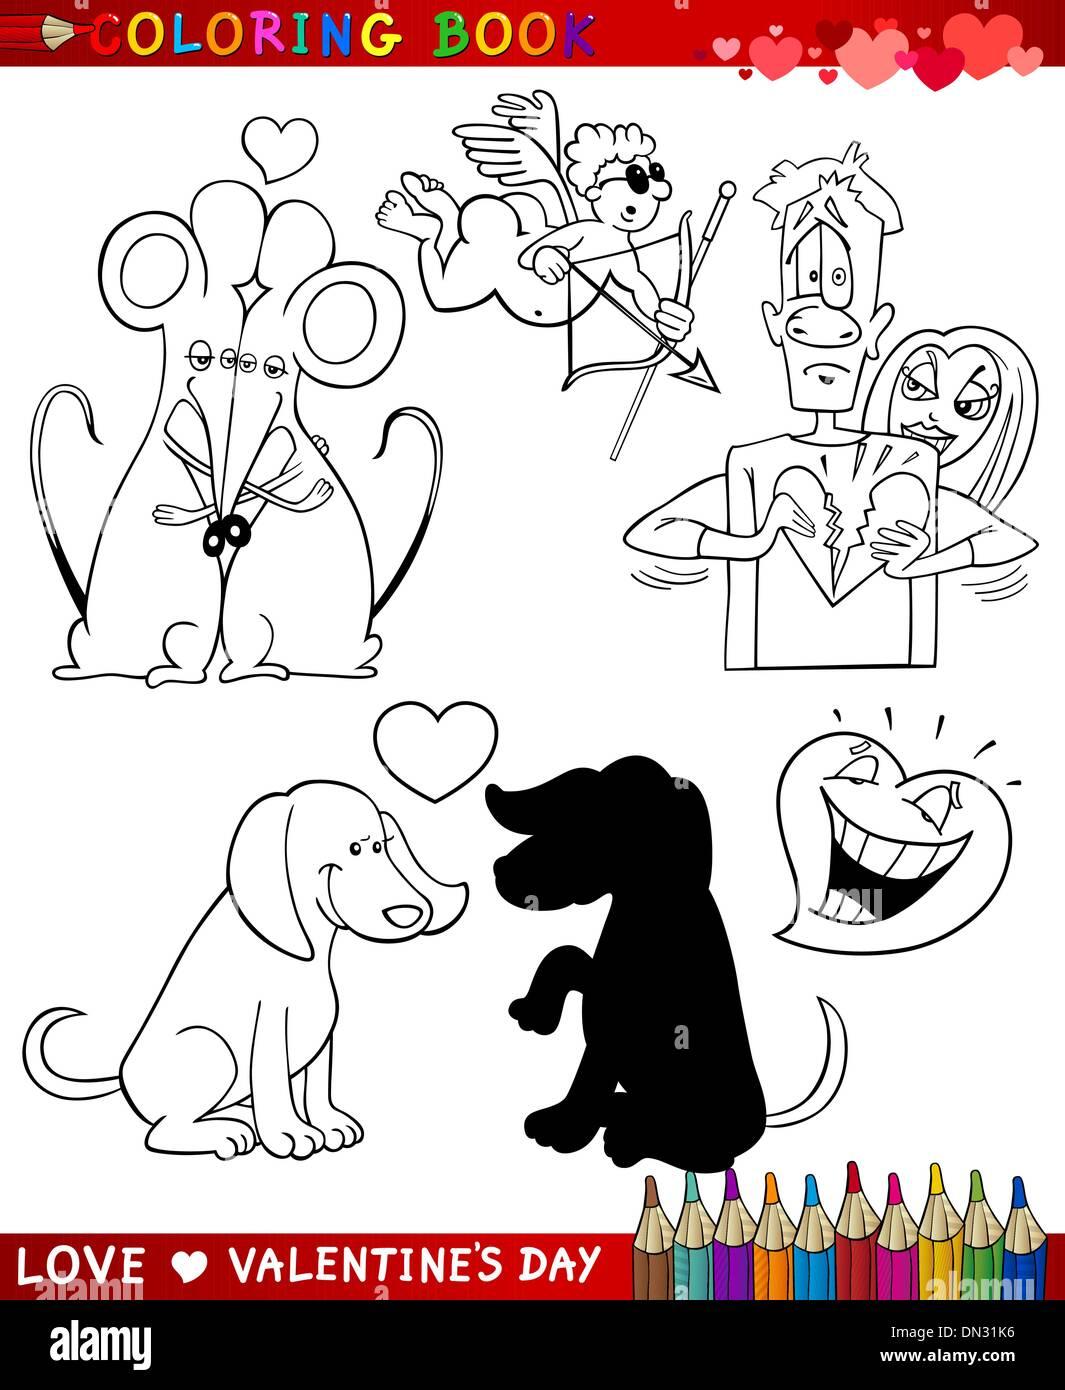 Großartig Malvorlagen Valentine Bilder - Malvorlagen Von Tieren ...